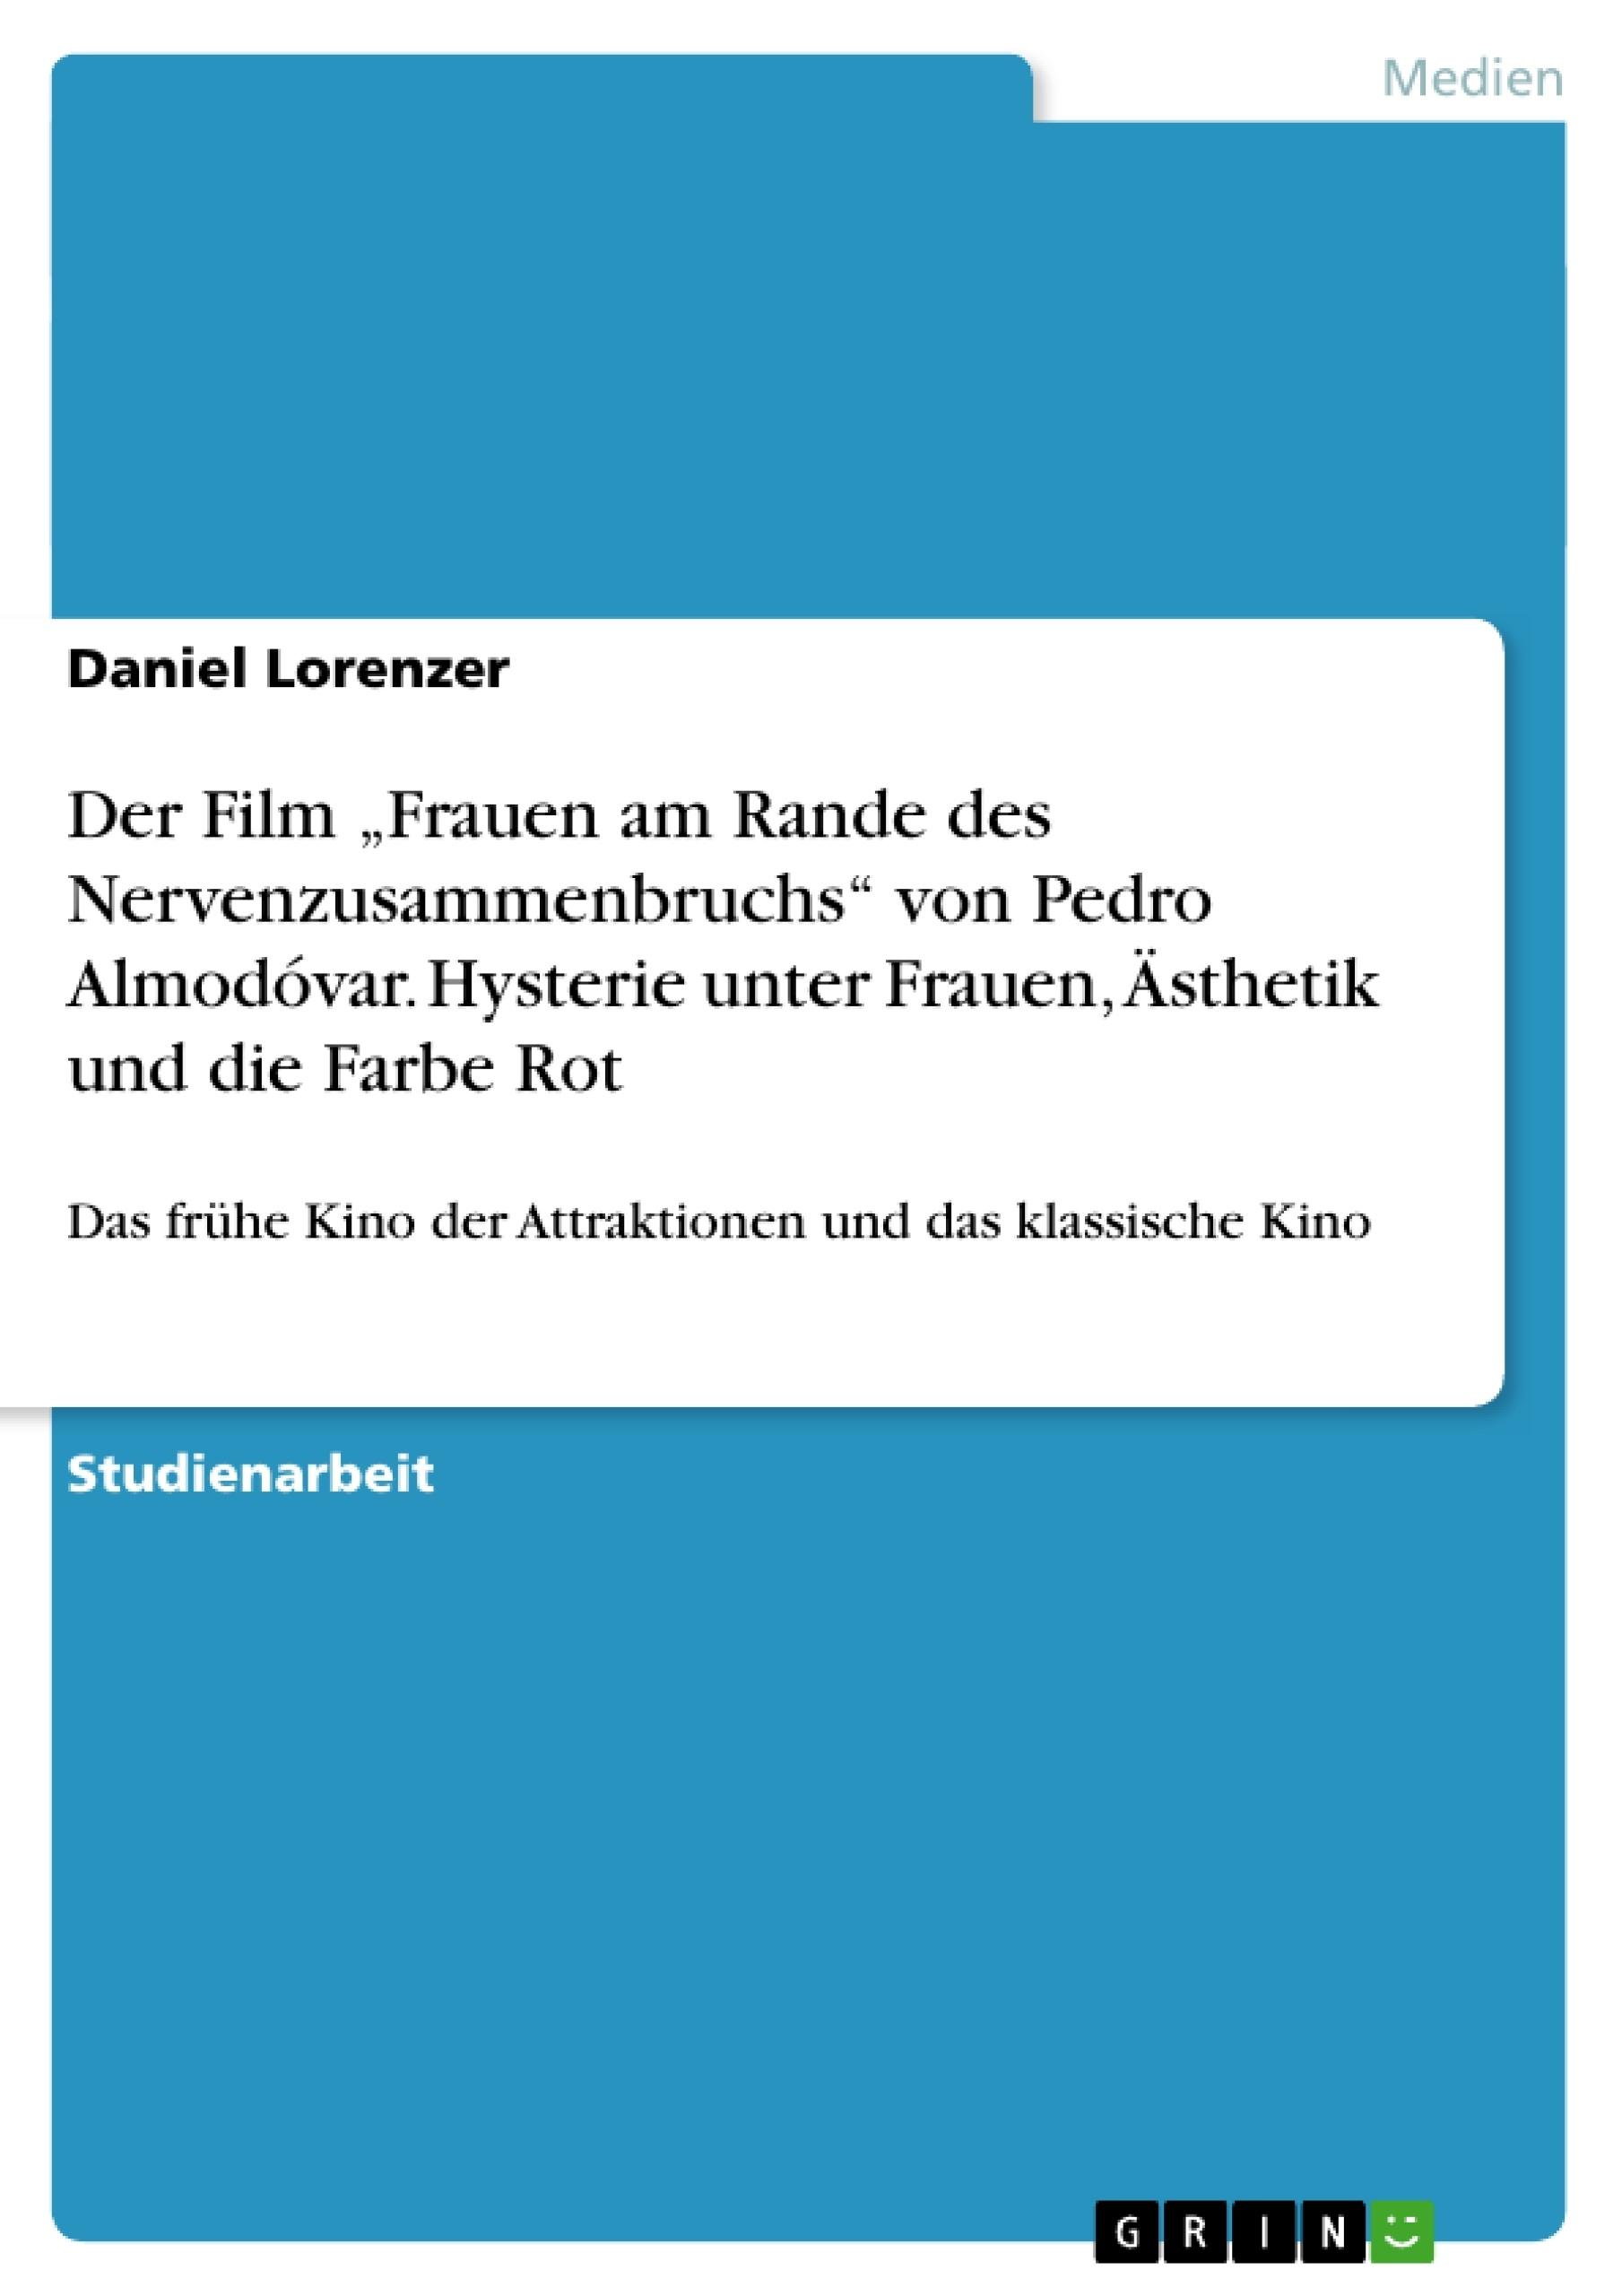 """Titel: Der Film """"Frauen am Rande des Nervenzusammenbruchs"""" von Pedro Almodóvar. Hysterie unter Frauen, Ästhetik und die Farbe Rot"""